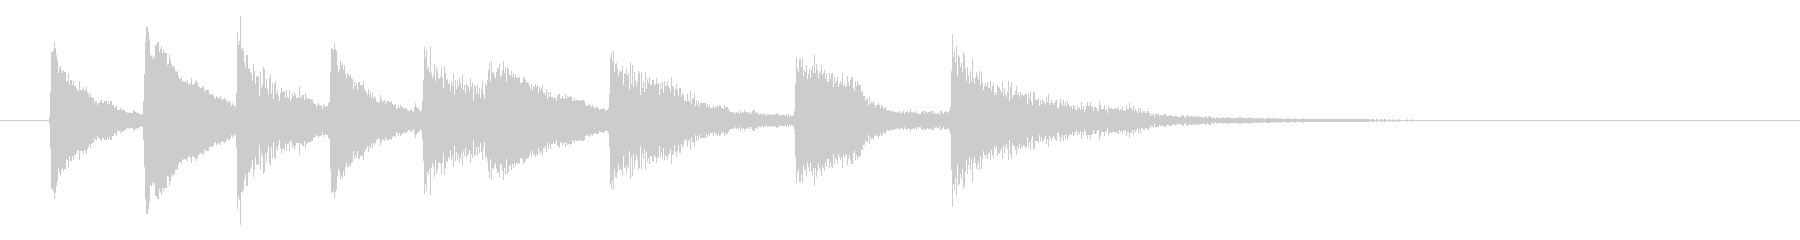 ジャズ風ピアノメロジングル サウンドロゴの未再生の波形